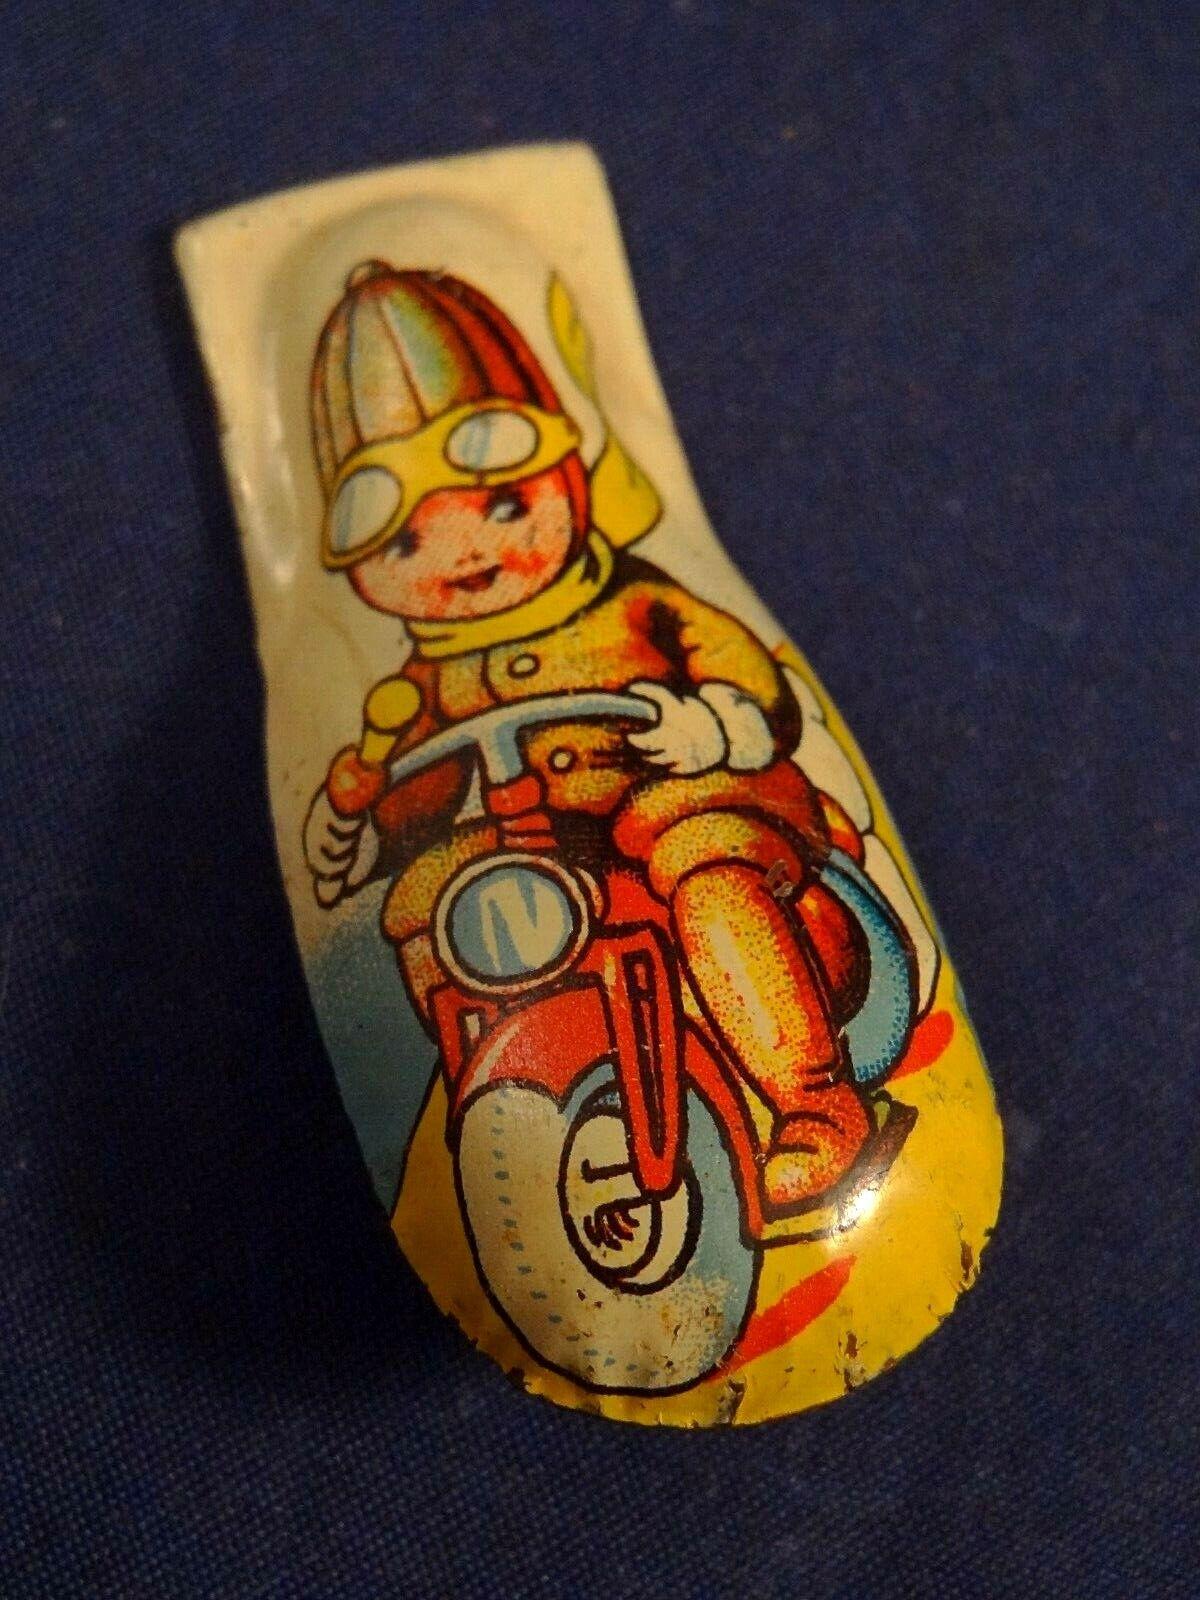 Ancien rare clic clac cri-cri jouet tôle enfant scooter moto 1940-50 us zone